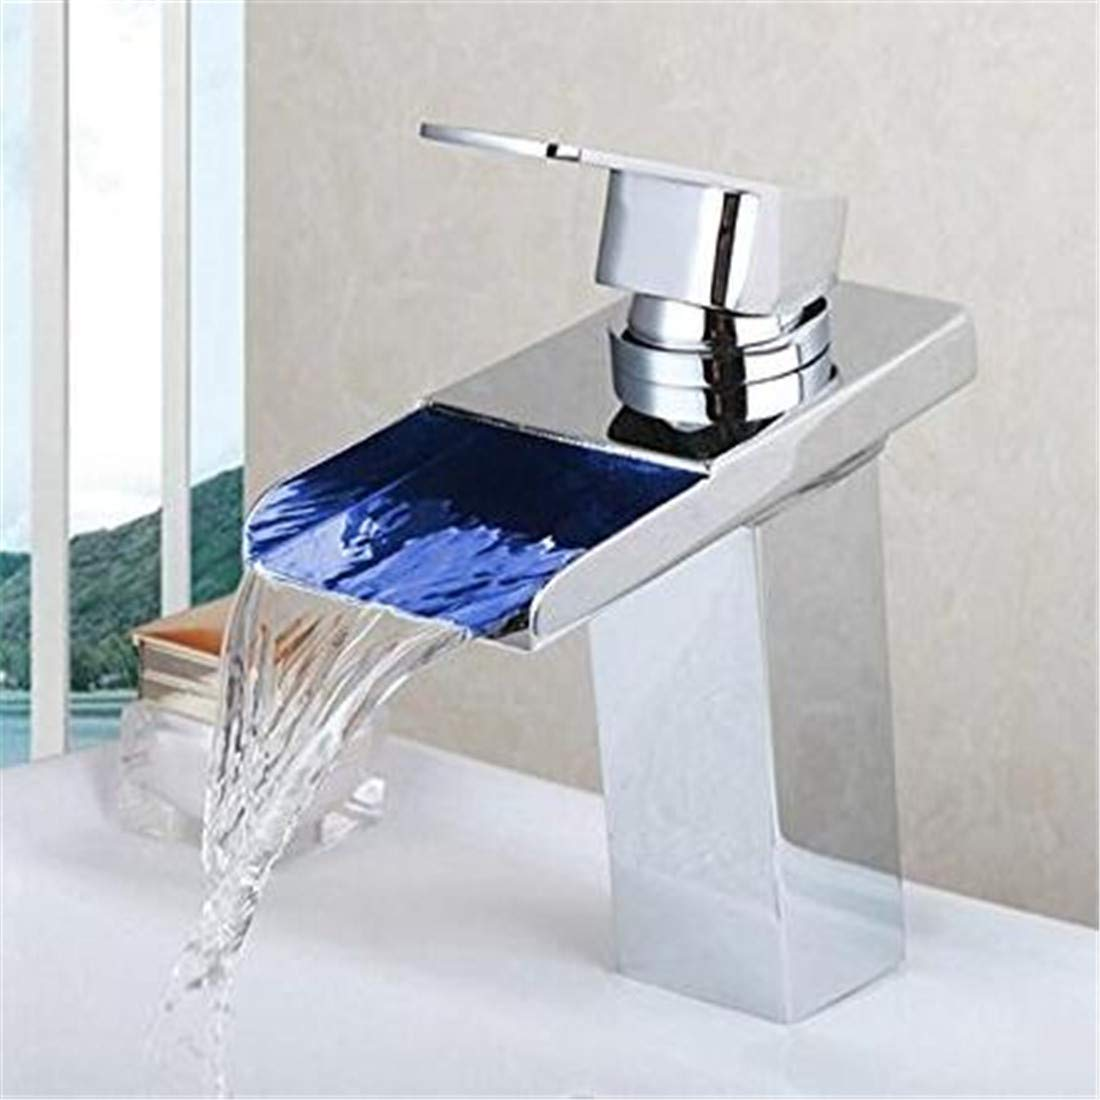 Mischbatterie Brause Drehbar Bad Spültischpowerot Chrome Finish Bad Mischbatterie Wasserhahn Massivem Messing Becken Waschbecken Mischbatterie Wasserhahn